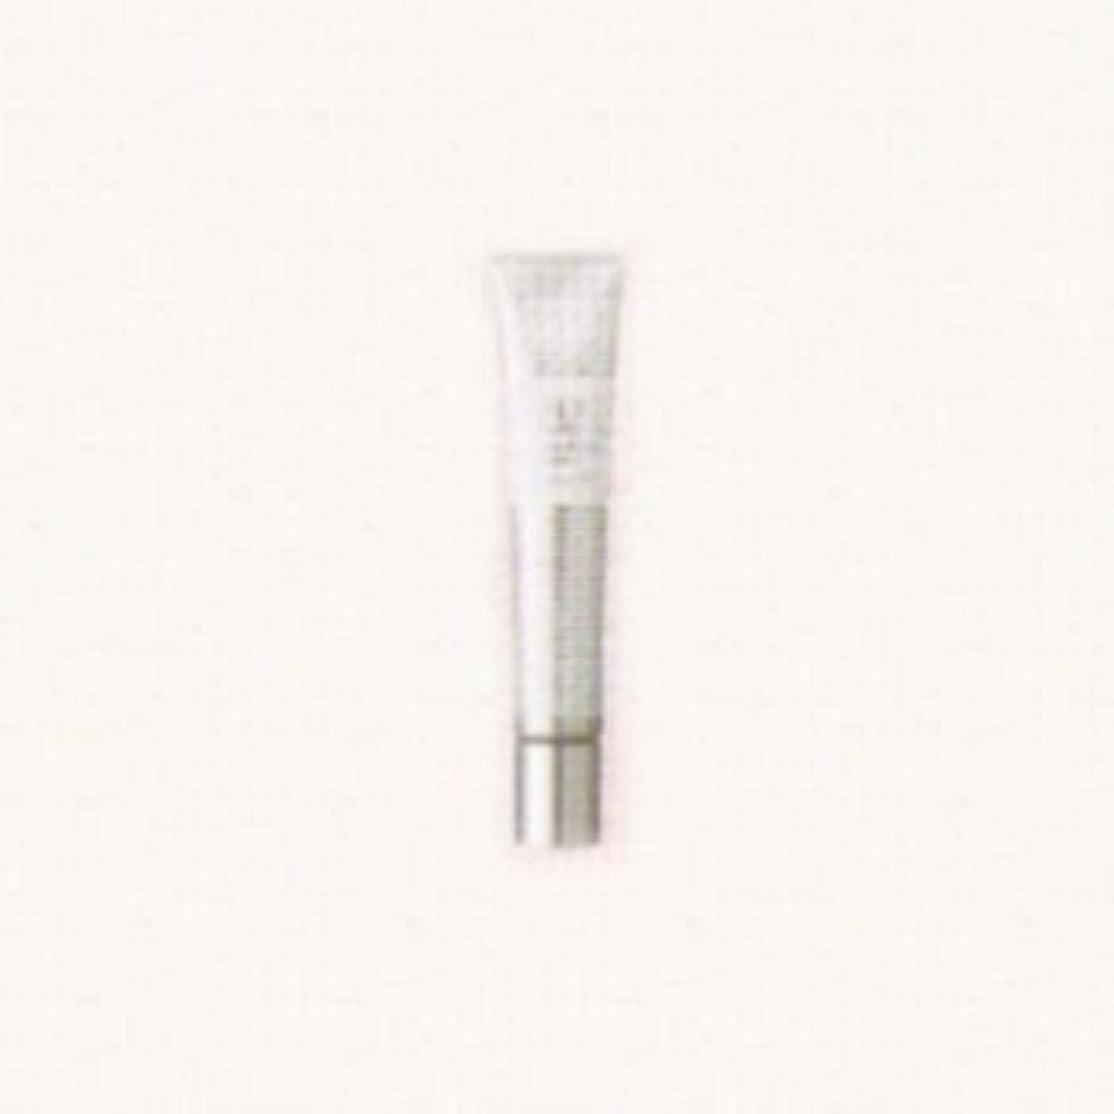 弾薬愛情夜の動物園ナリス化粧品 トゥルーリア リミッションPO デイポアシューターエッセンス 18g